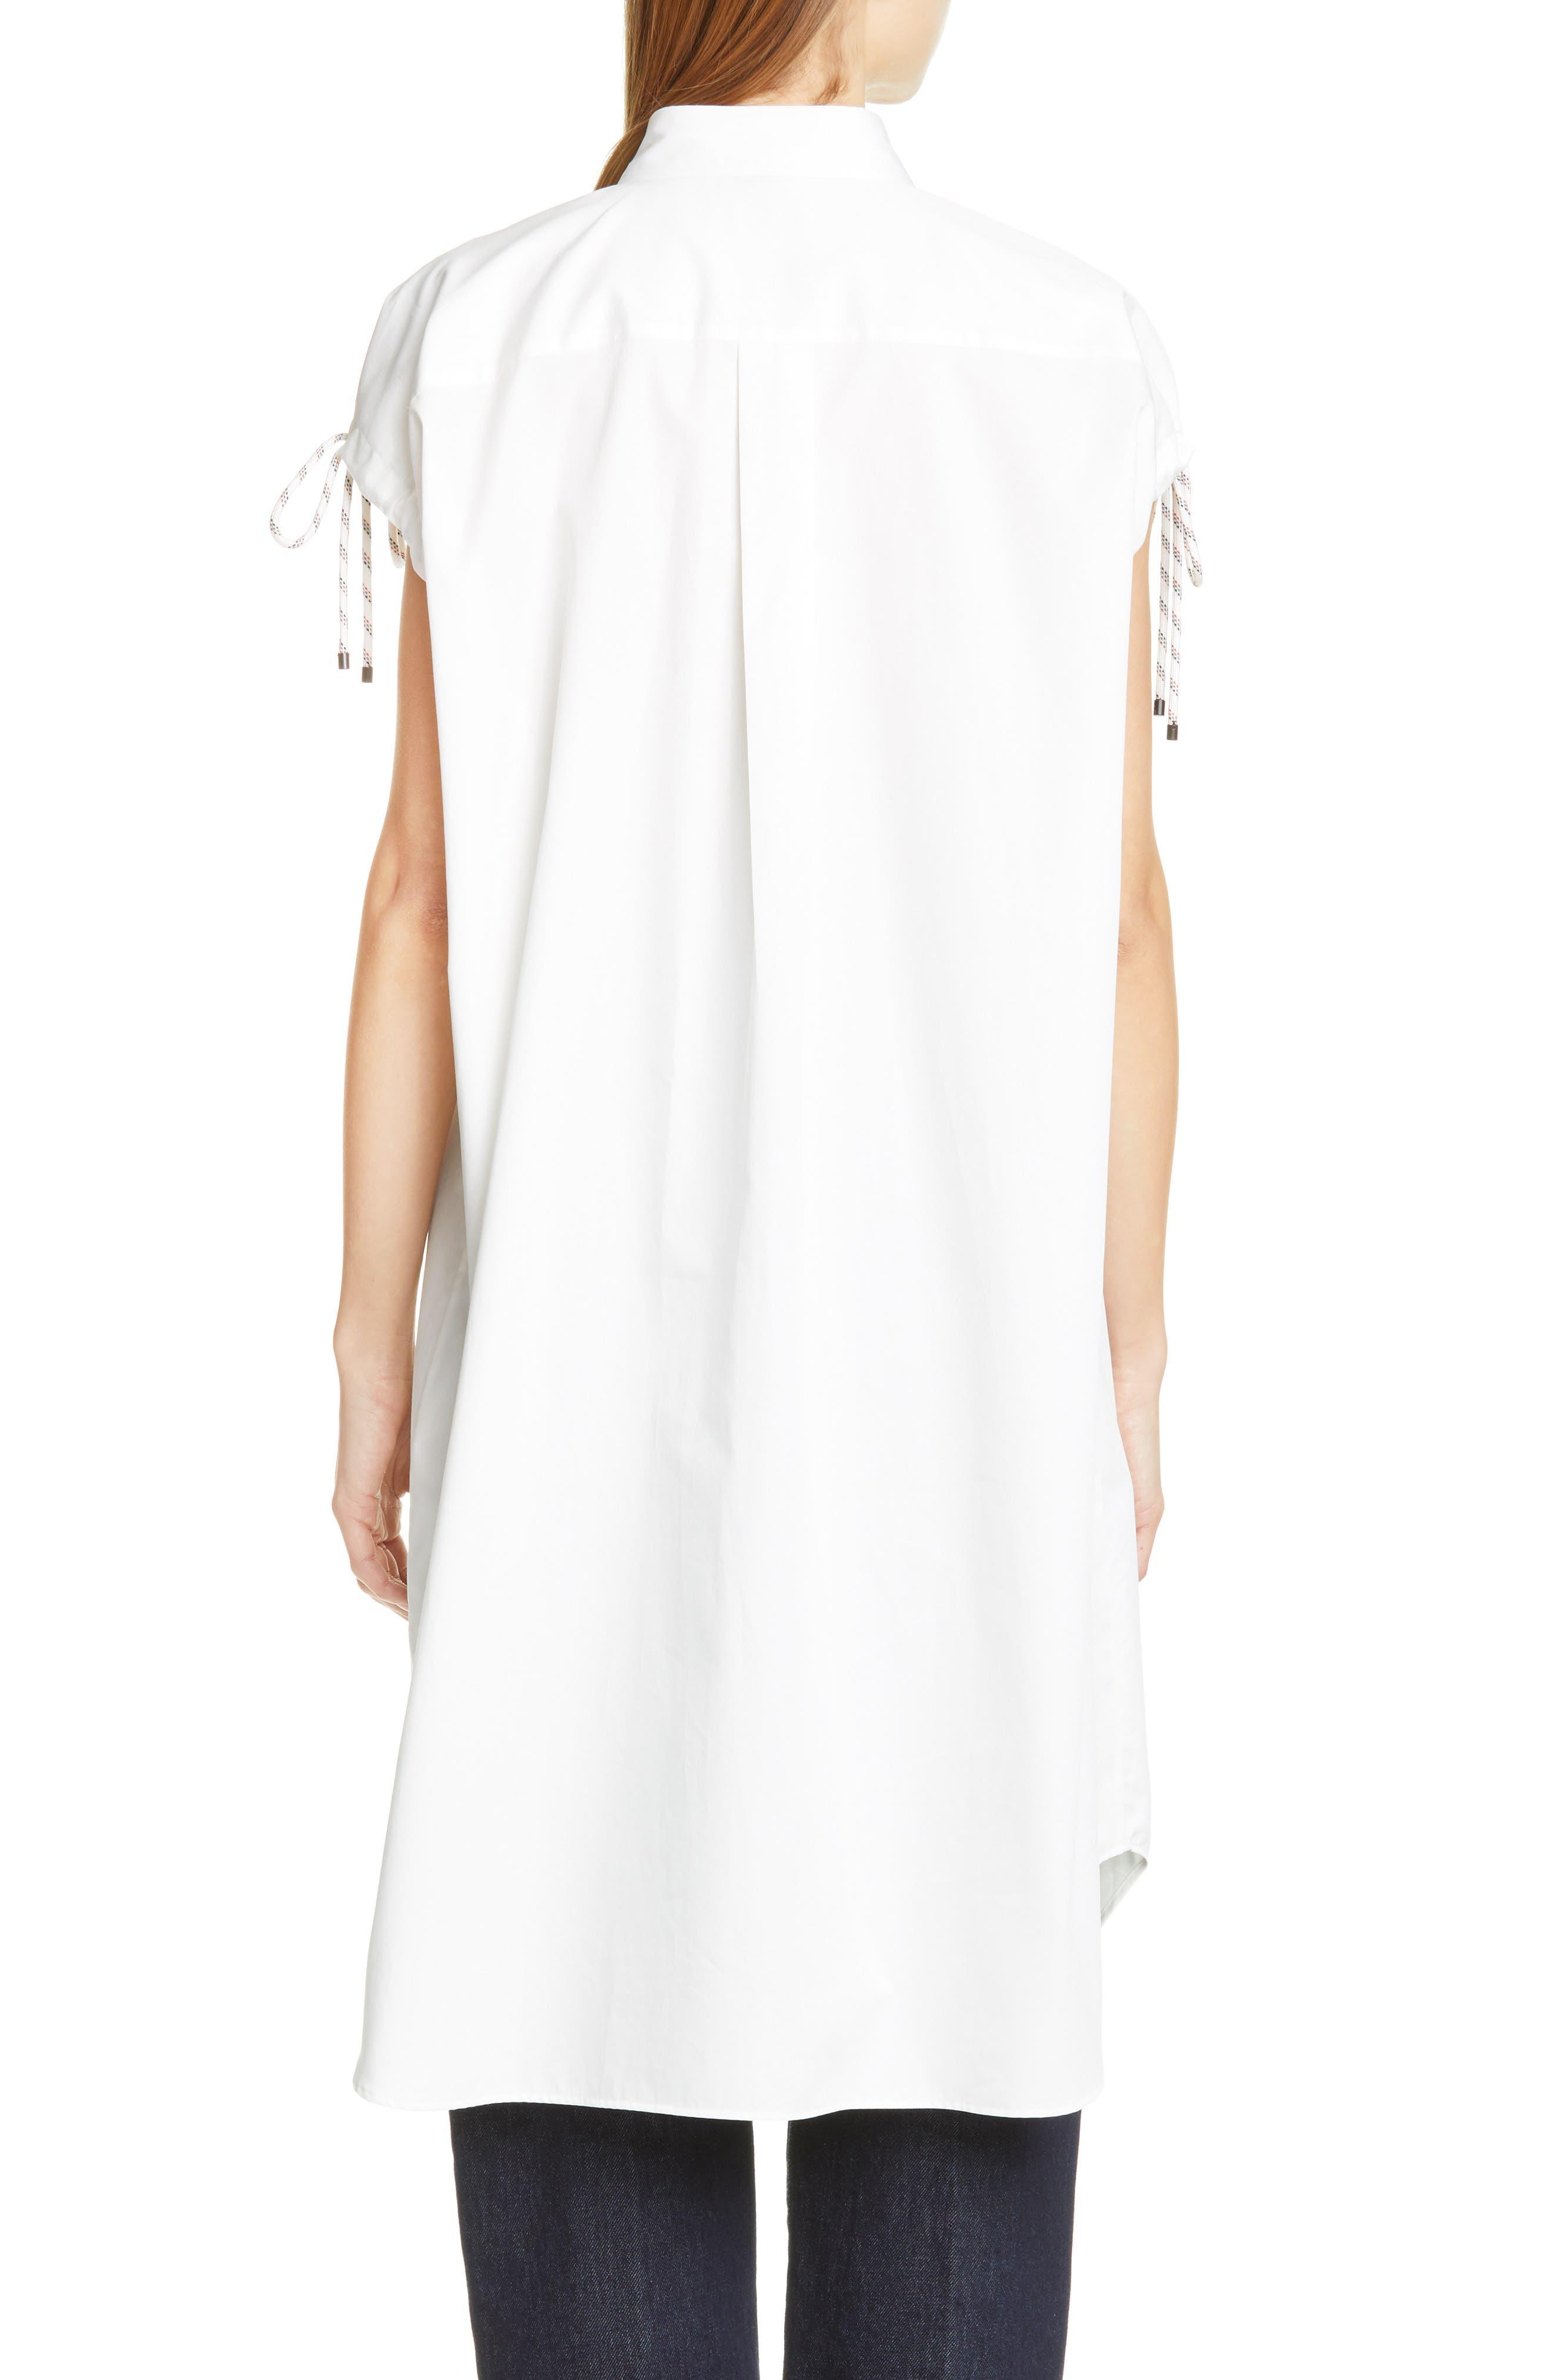 DRIES VAN NOTEN, Dantia Floral Print Cotton Shirt, Alternate thumbnail 2, color, LILAC